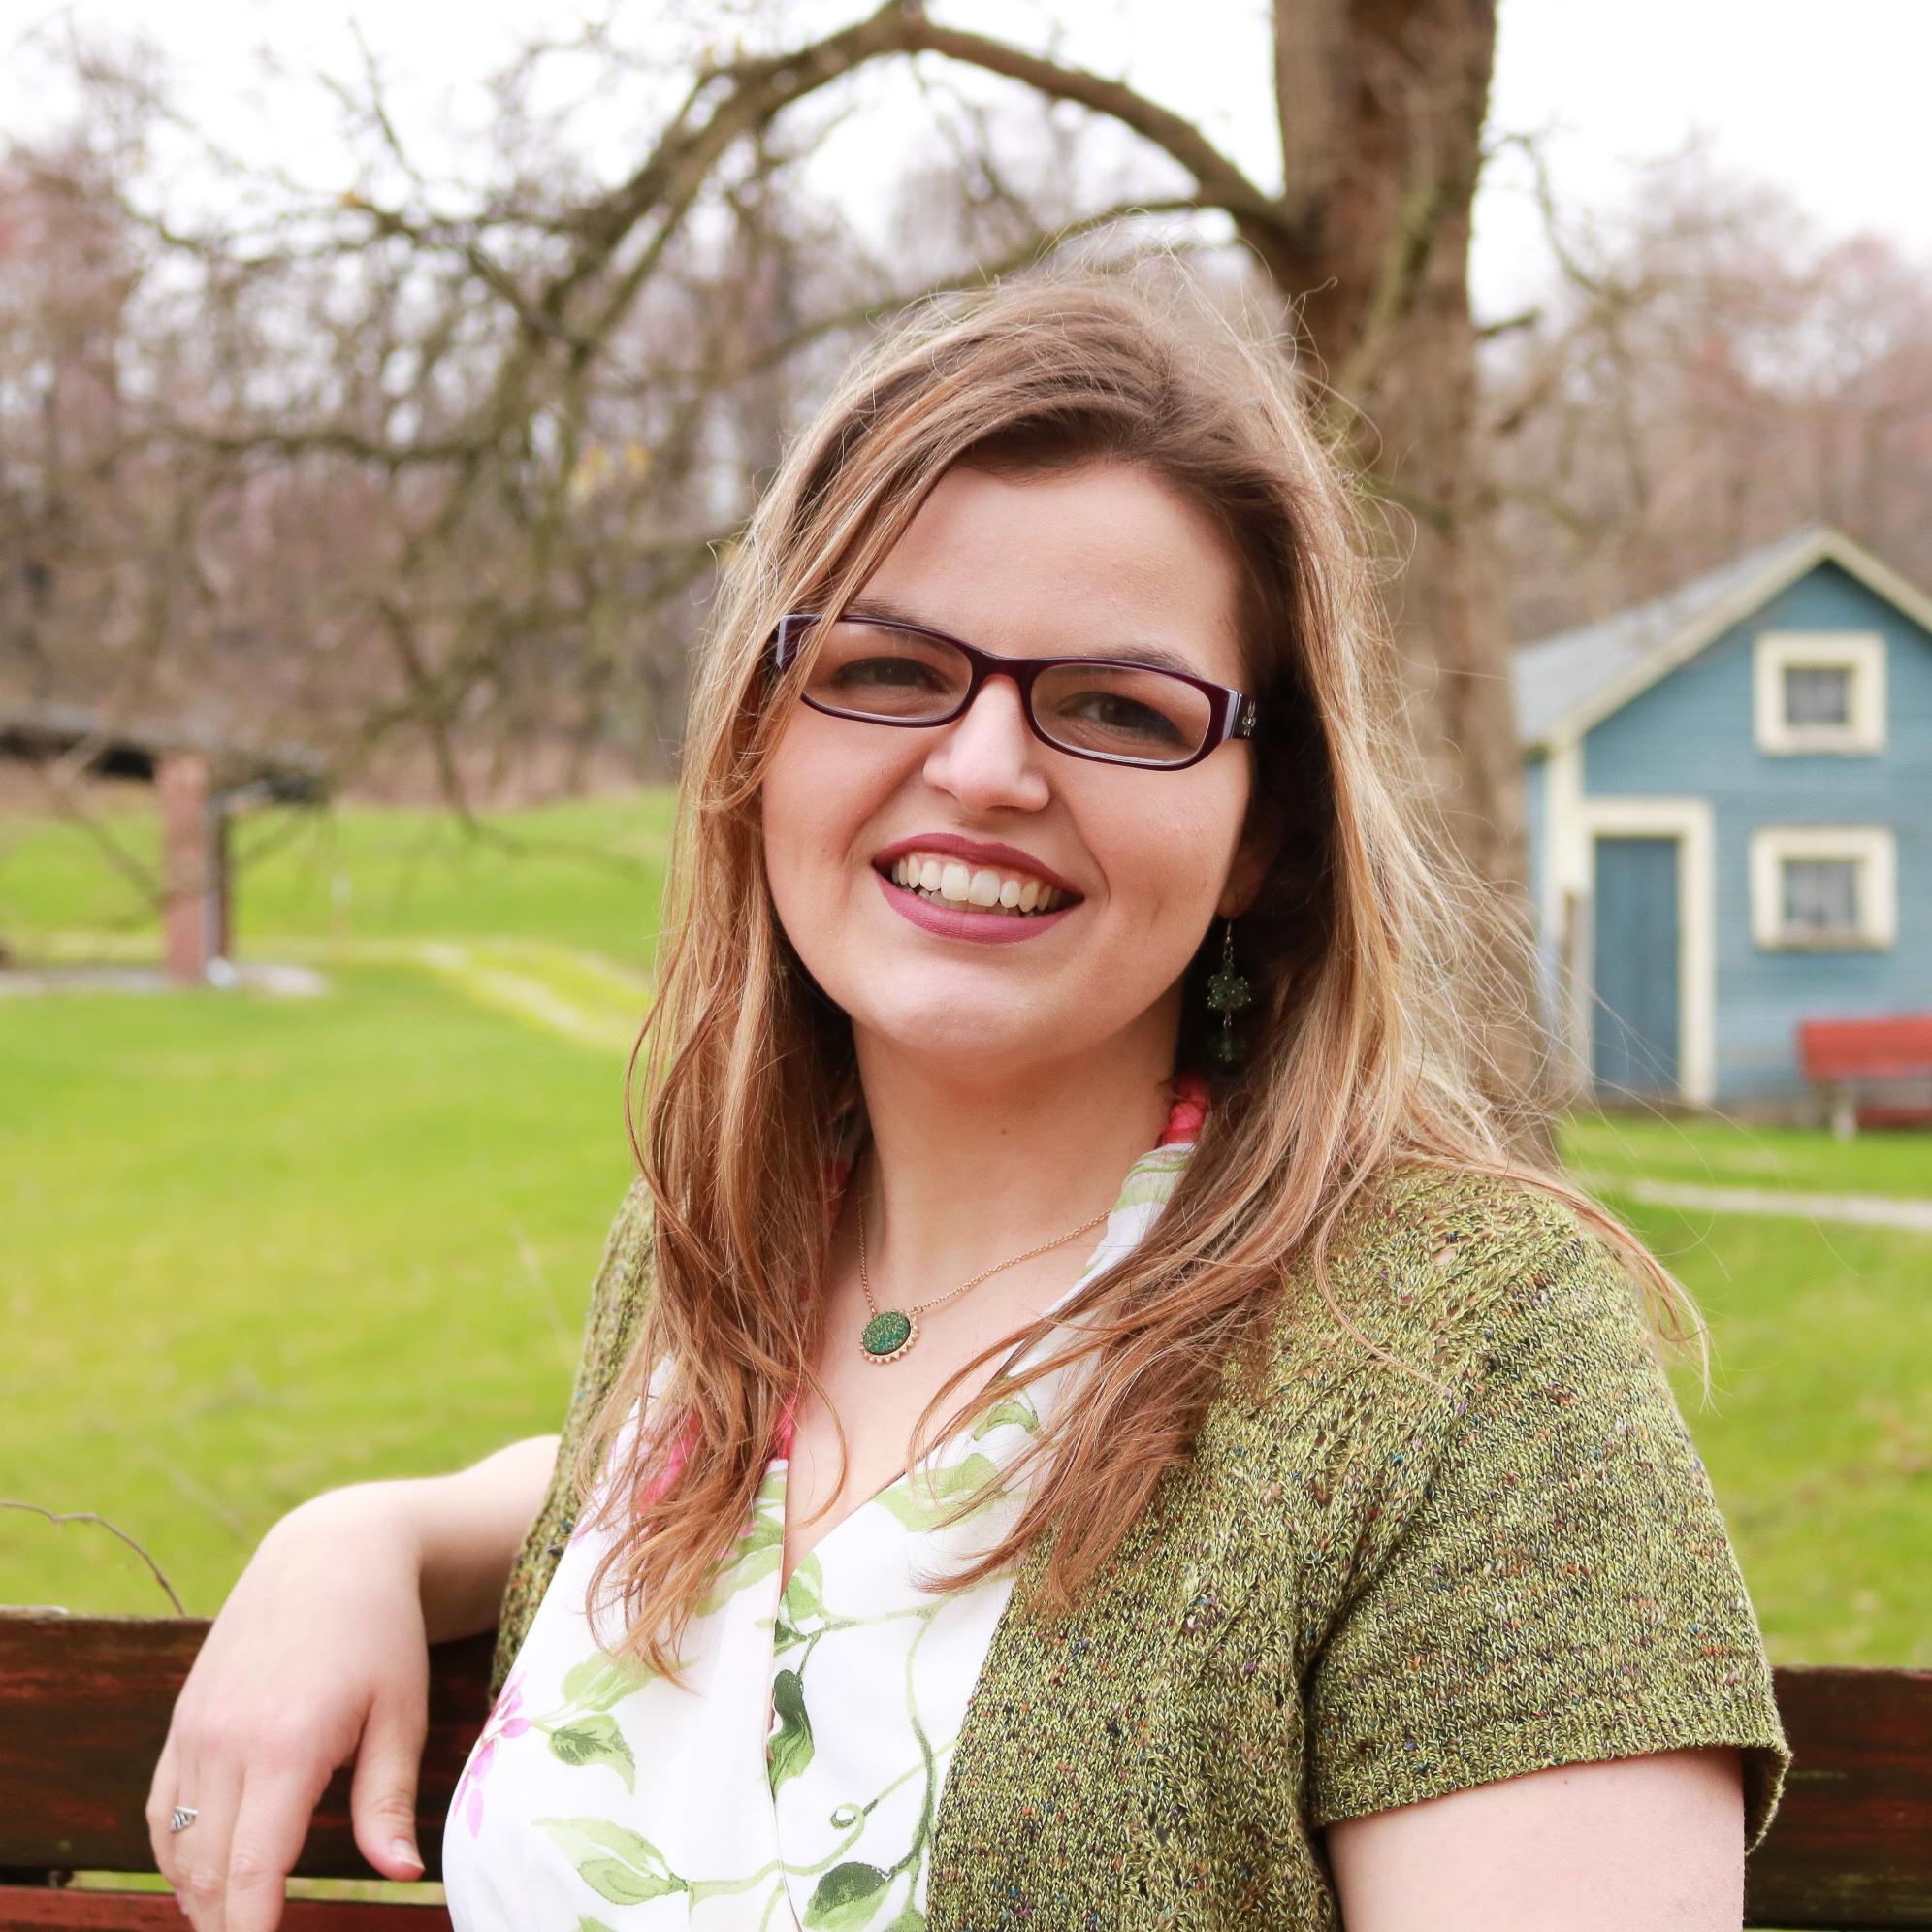 Michelle Jaworski